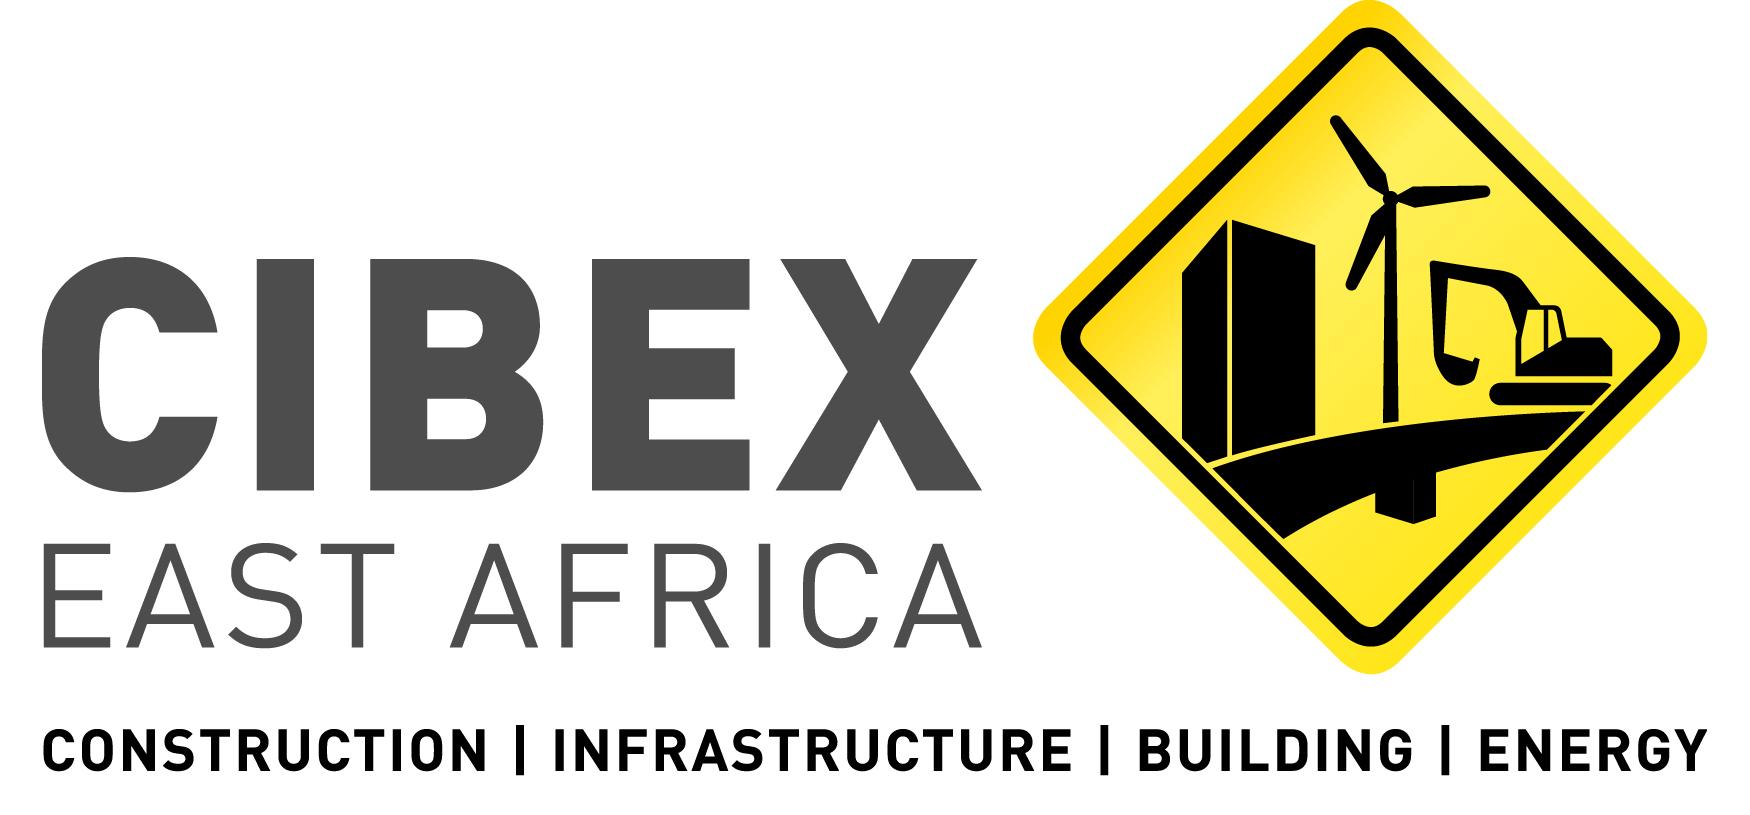 cibex-east-africa-icon